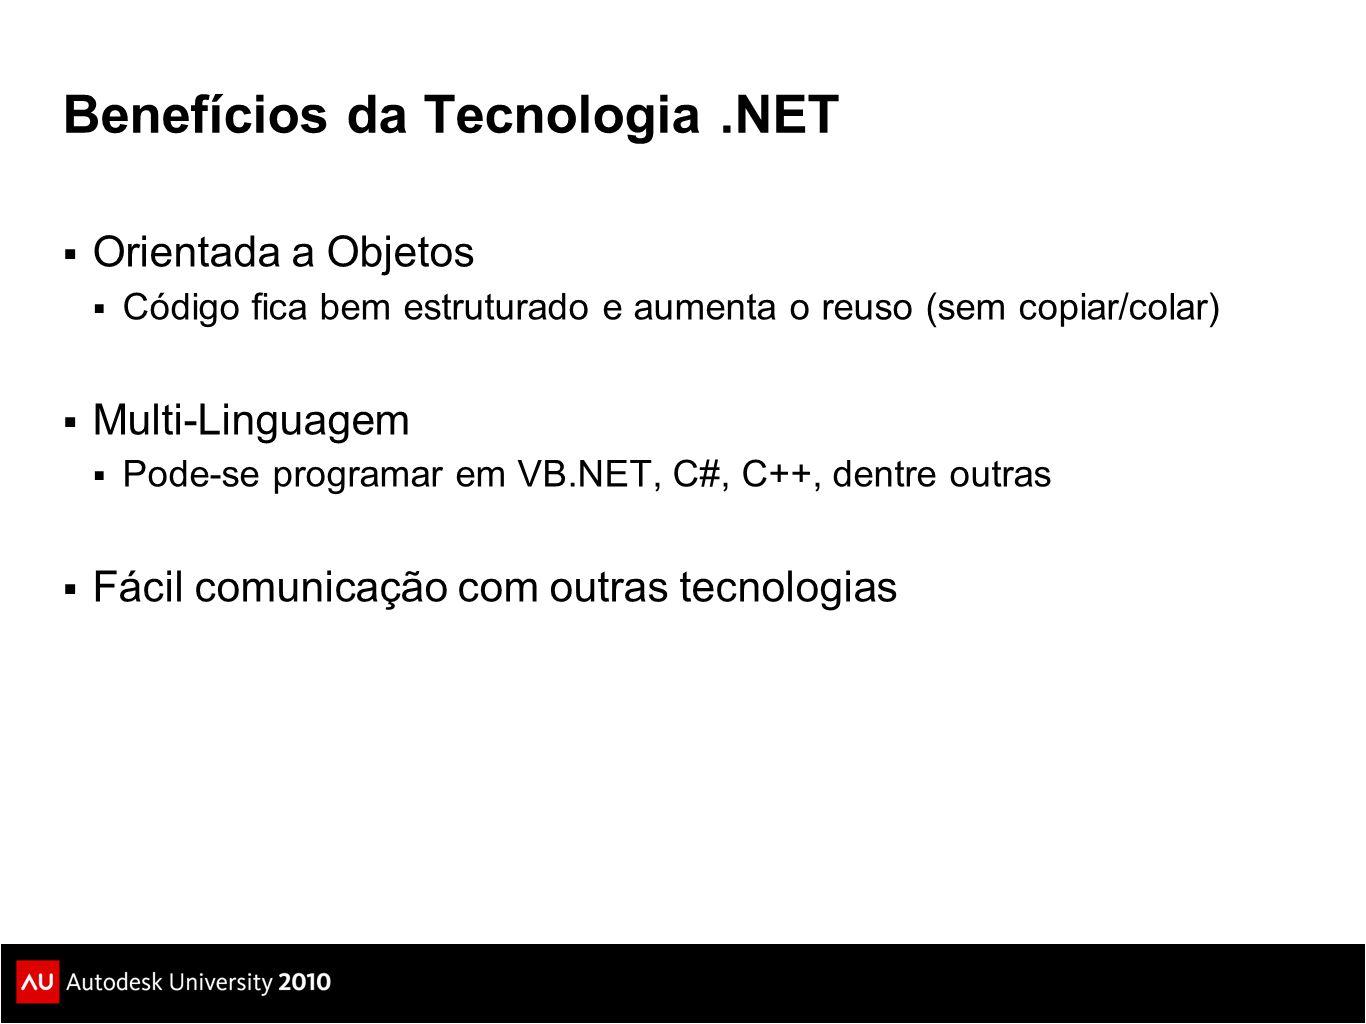 Benefícios da Tecnologia.NET  Orientada a Objetos  Código fica bem estruturado e aumenta o reuso (sem copiar/colar)  Multi-Linguagem  Pode-se programar em VB.NET, C#, C++, dentre outras  Fácil comunicação com outras tecnologias